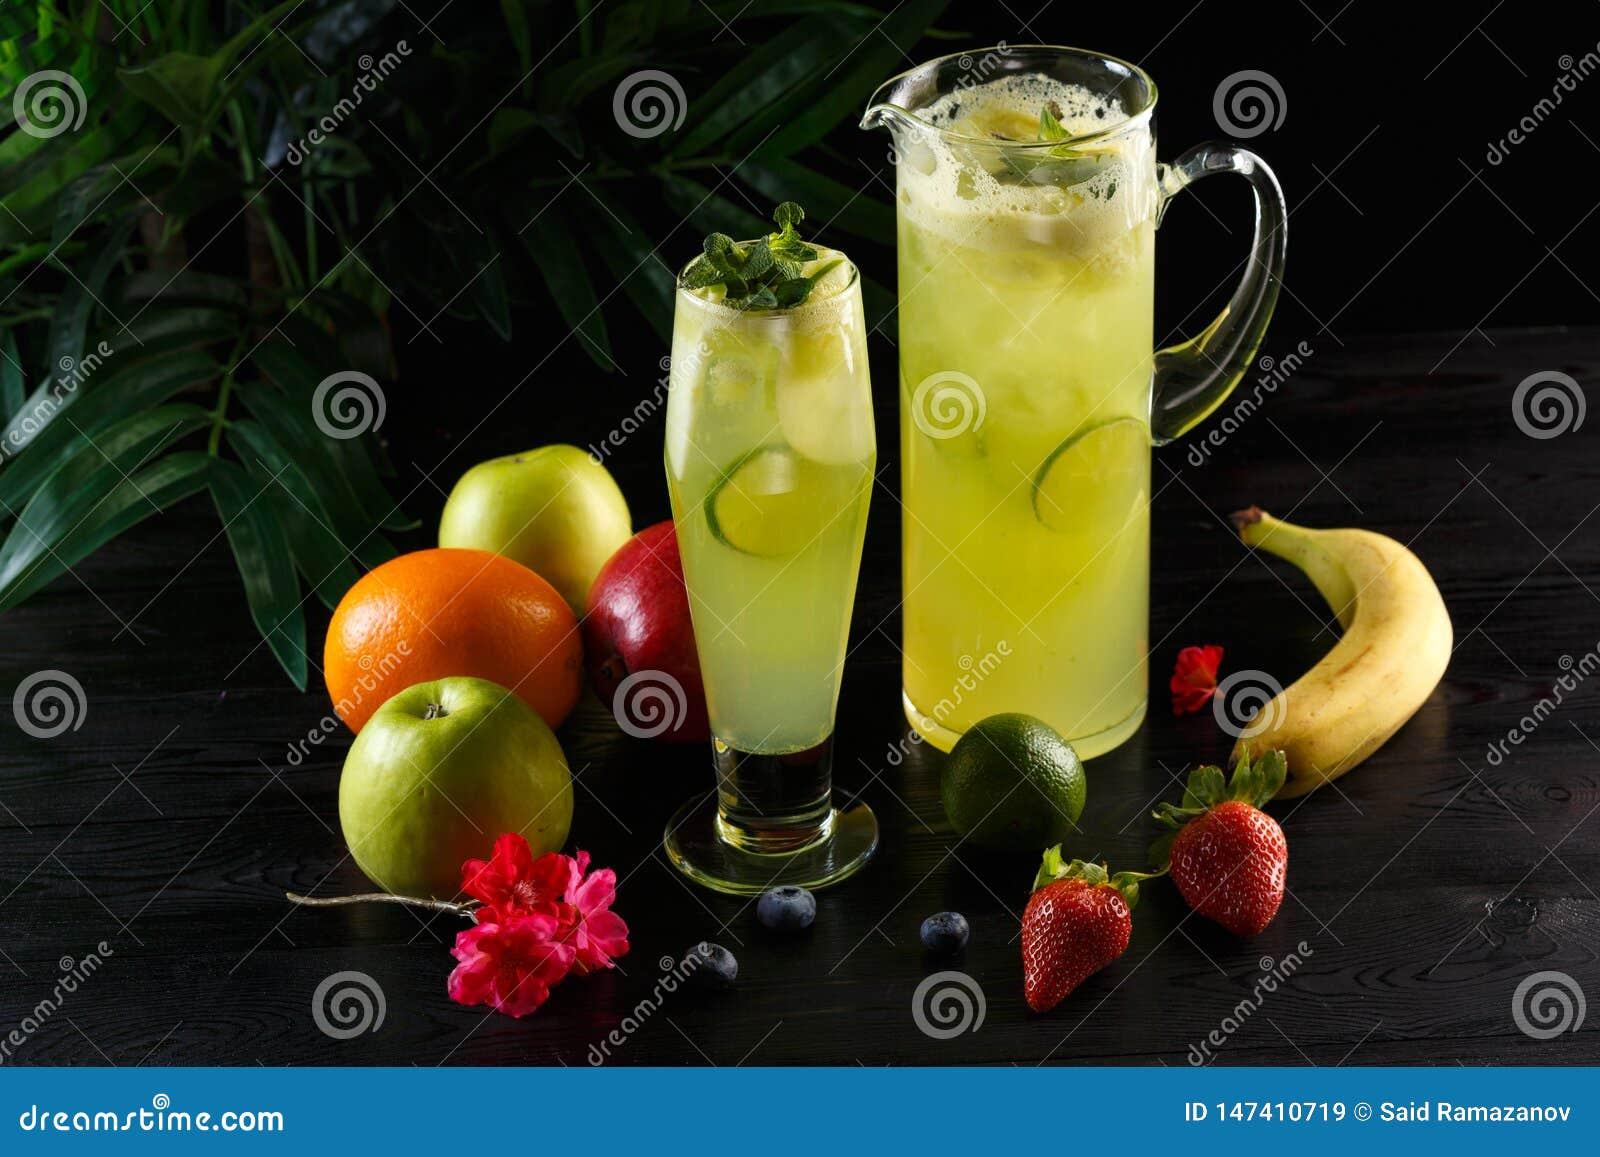 Зеленый лимонад яблока с известкой в кувшине и стекле и плодах на темной предпосылке